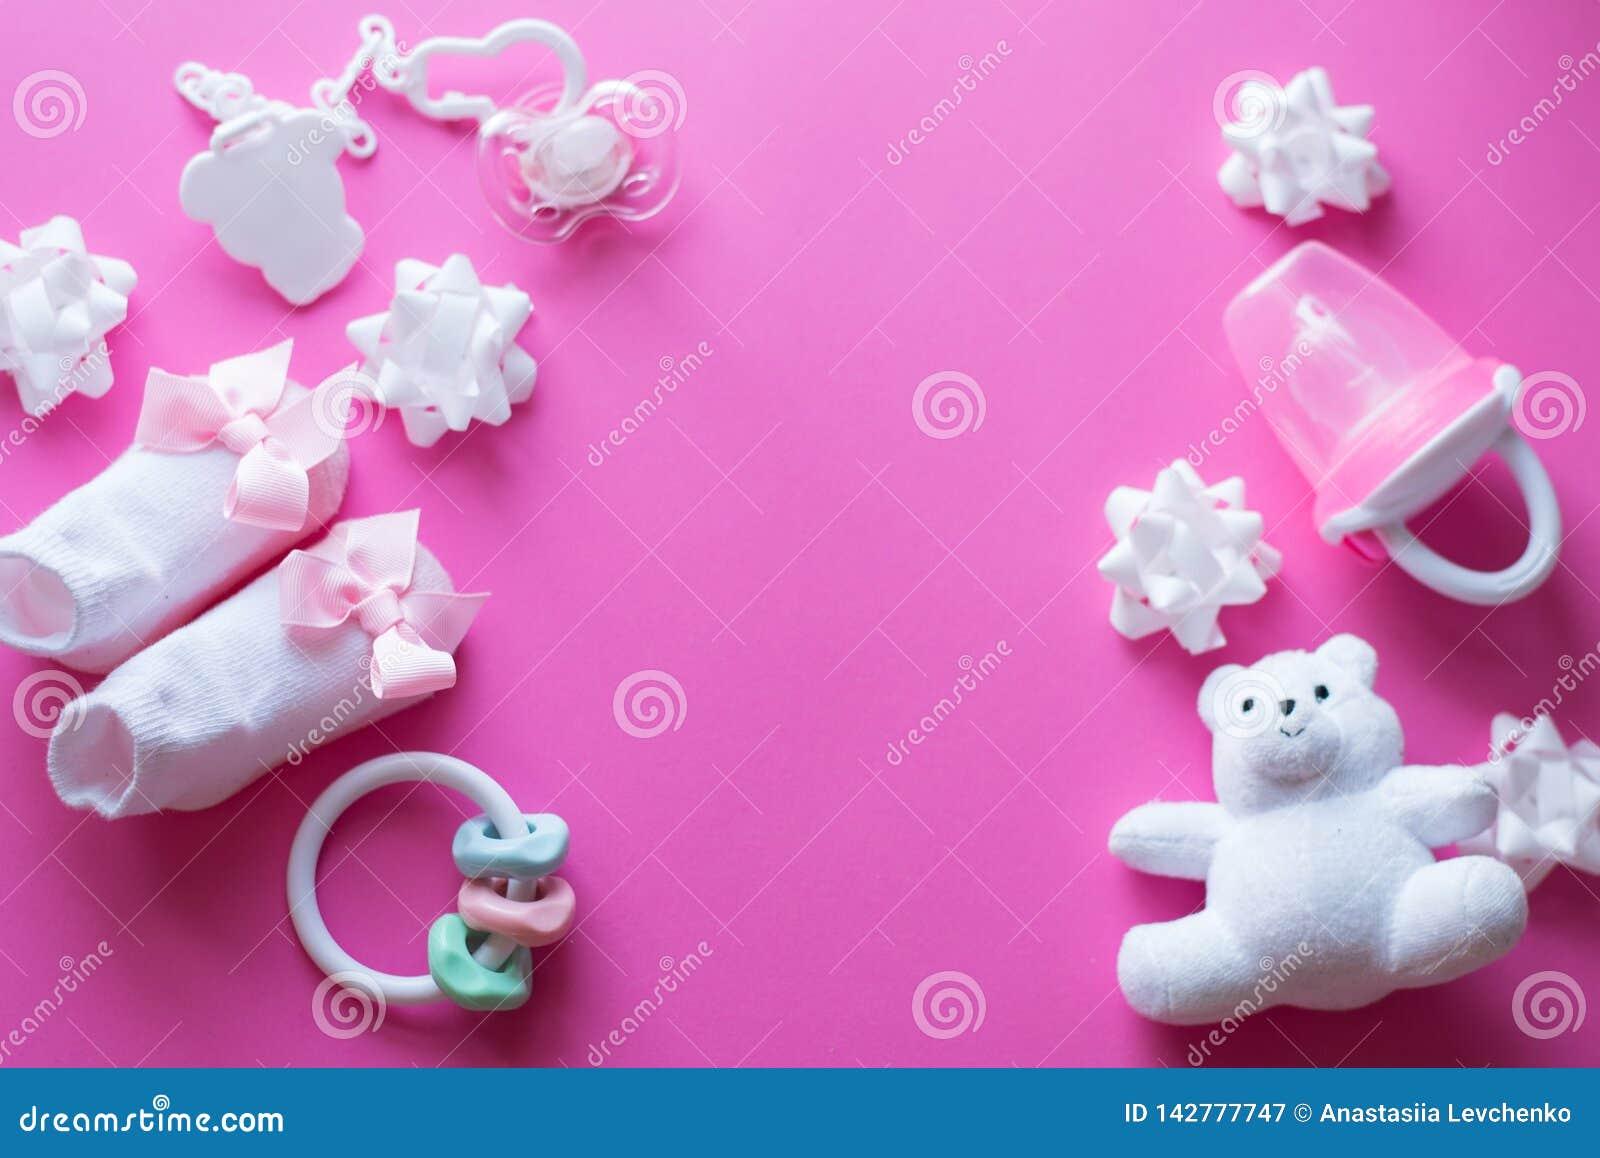 Babytoebehoren en speelgoed op roze achtergrond Hoogste mening de kindvlakte legt met wit speelgoed